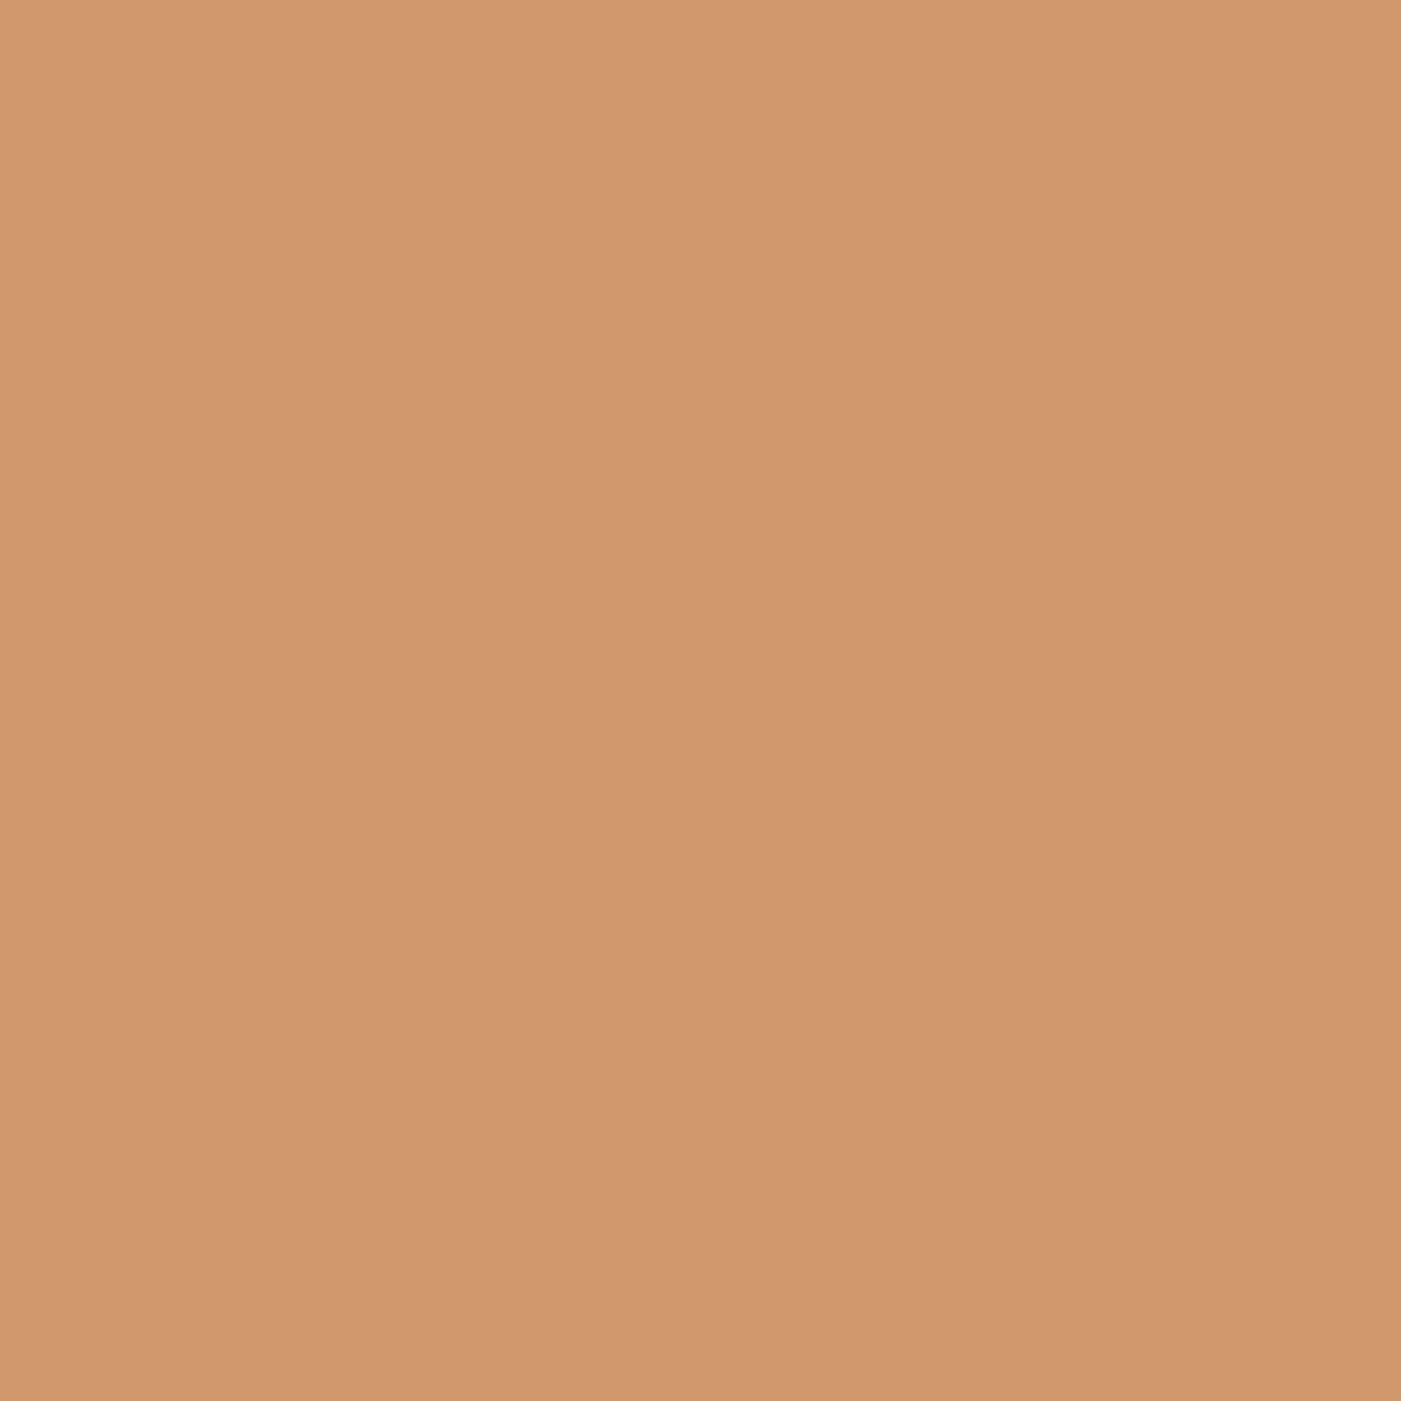 かどうかパプアニューギニア状SANMIMORE(サンミモレ化粧品) UVパクト 52号オークル (レフィル 替パフ付)